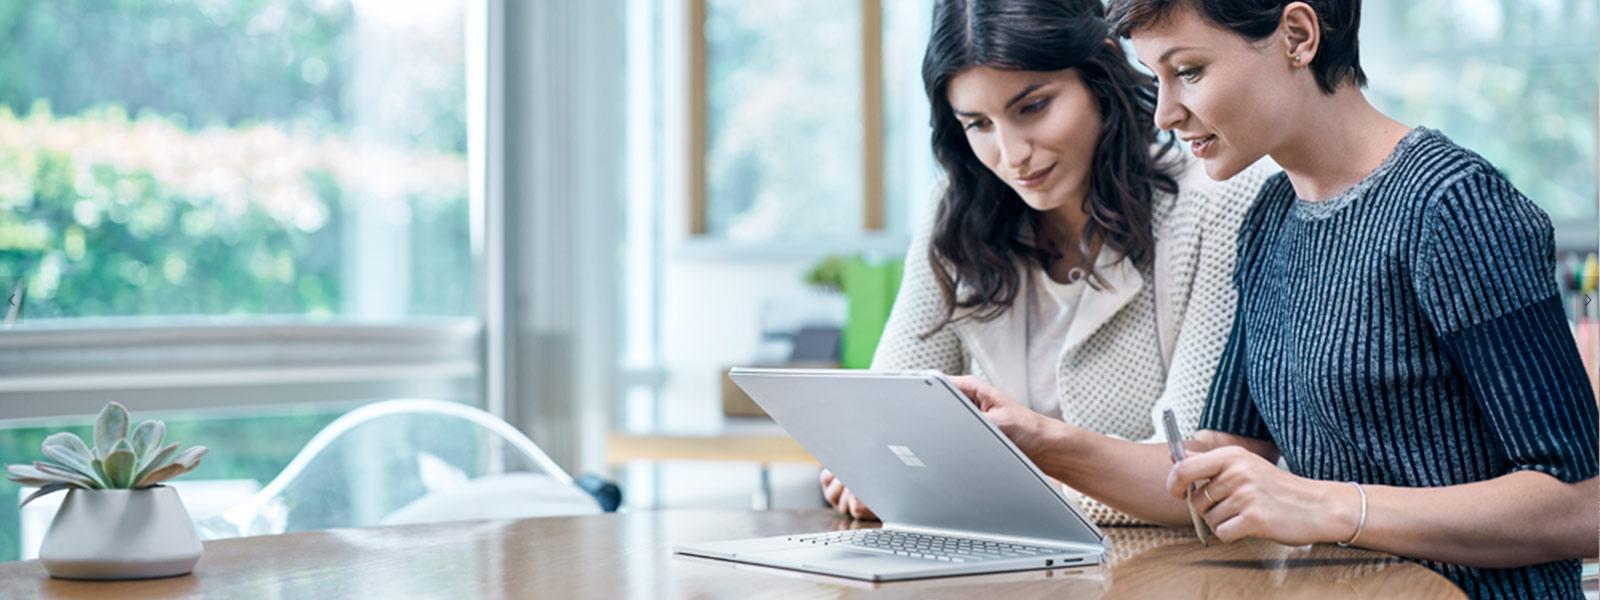 Une femme utilisant la Surface en effectuant un zoom à l'aide de son Stylet et de son doigt